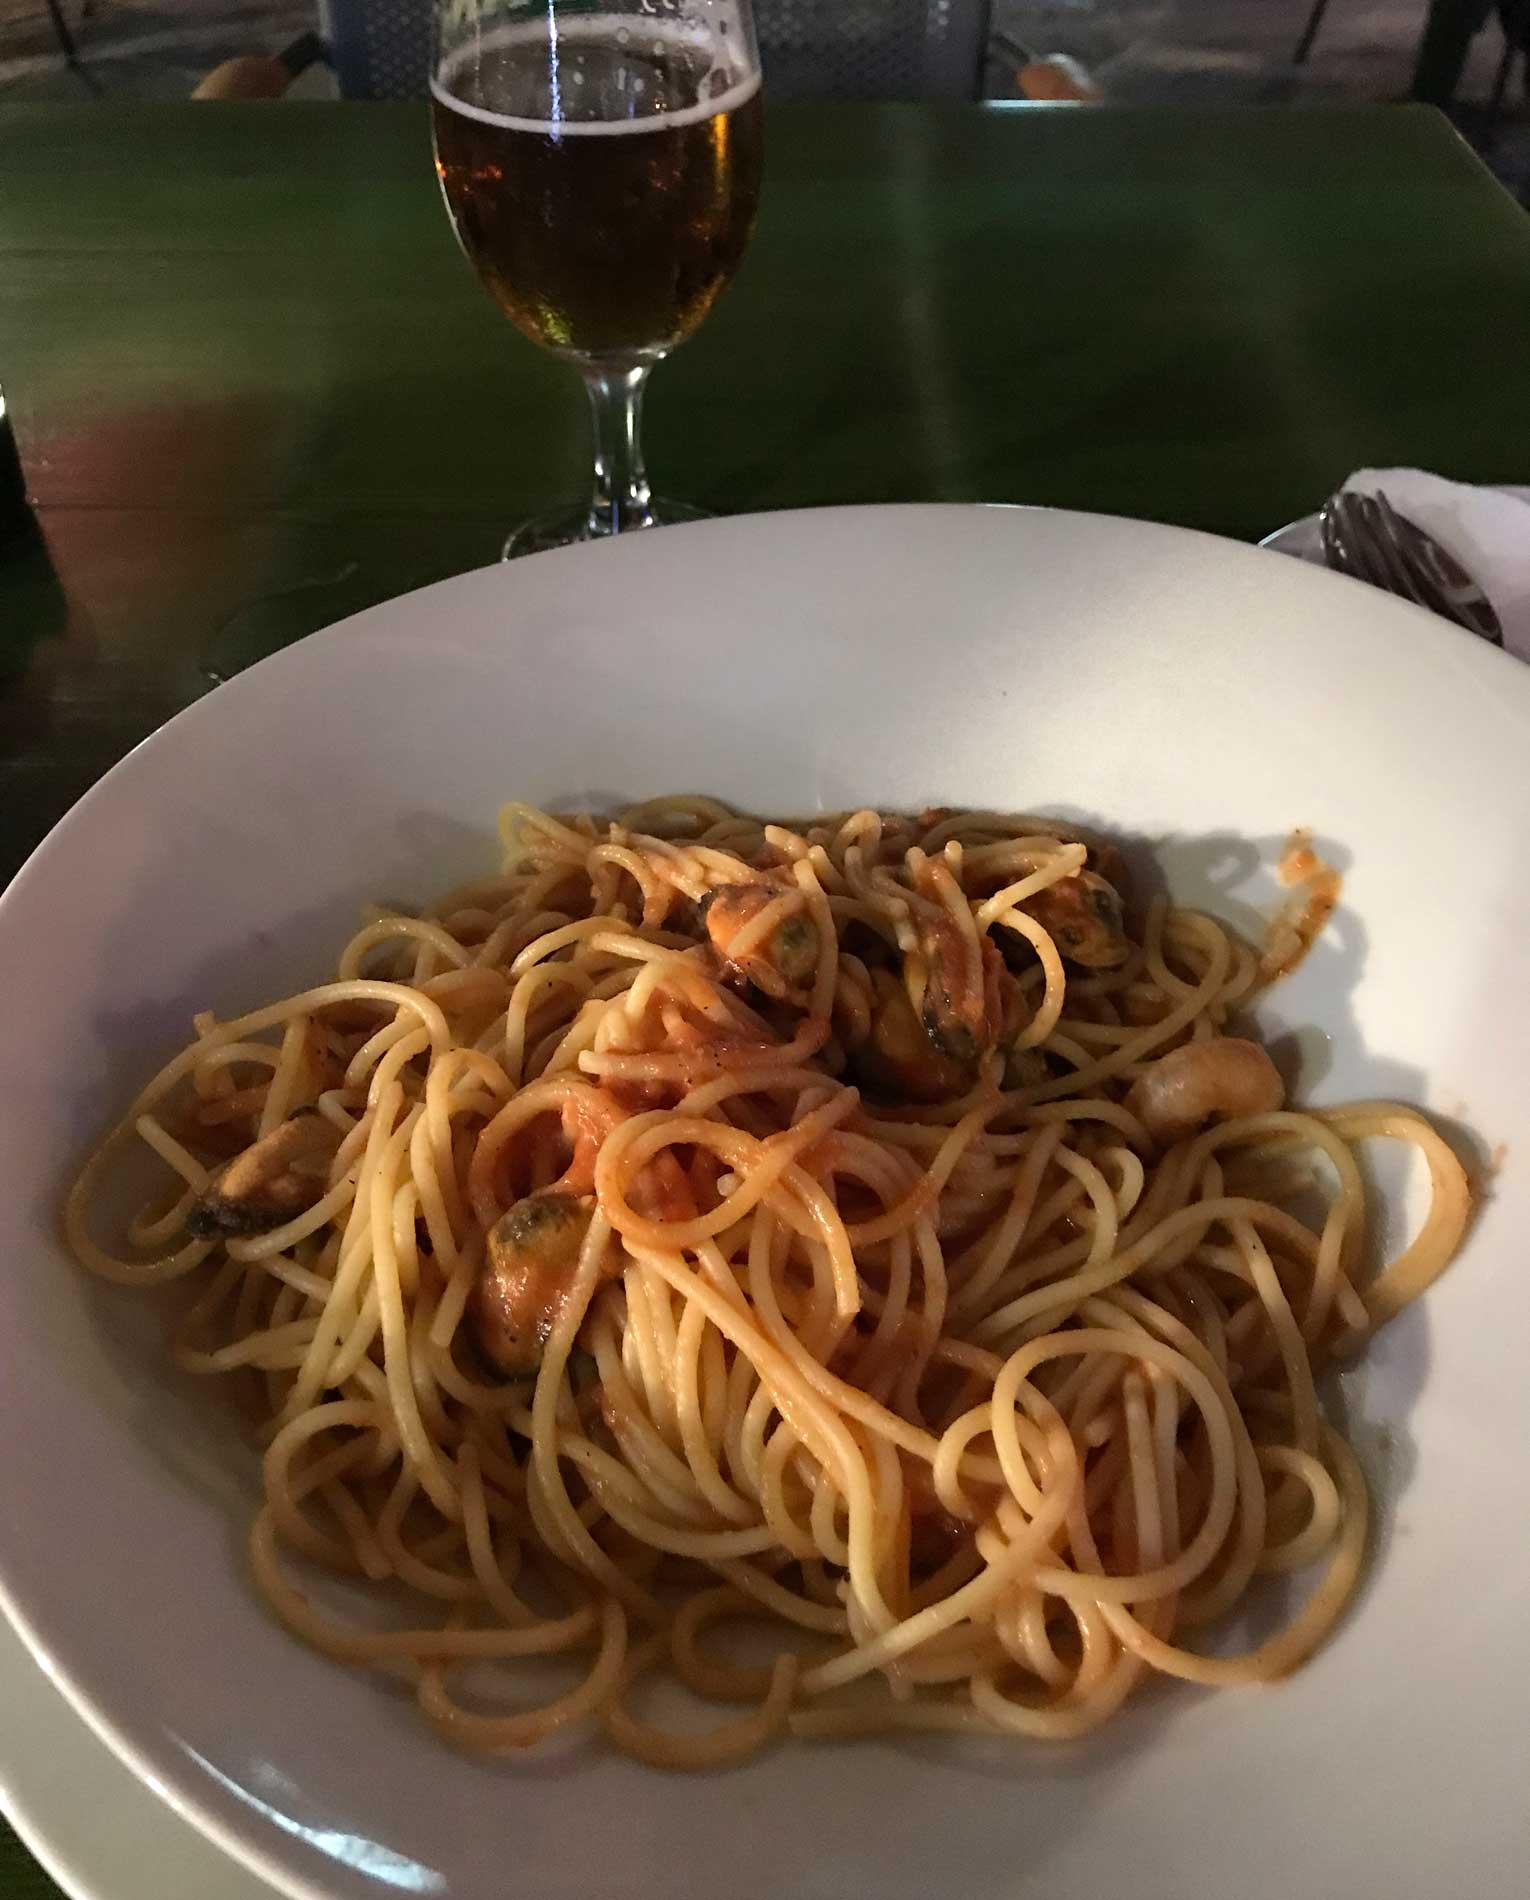 Cavtat-Dubrovnik-Croazia-spaghetti-frutti-di-mare